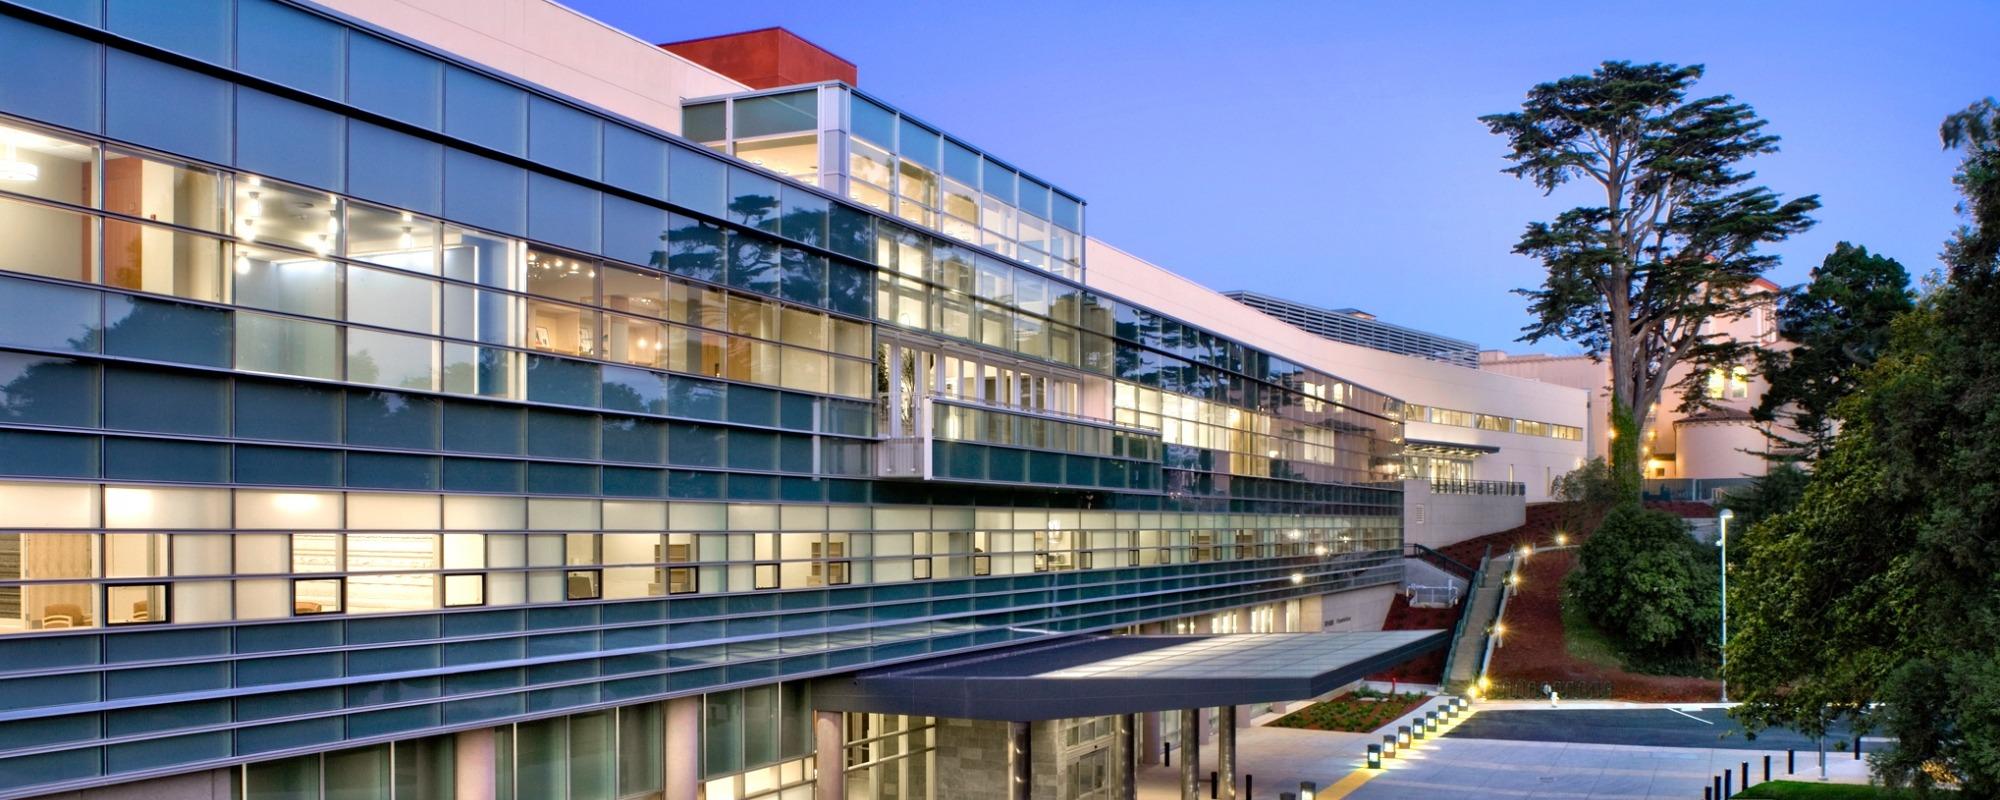 Laguna Honda Hospital